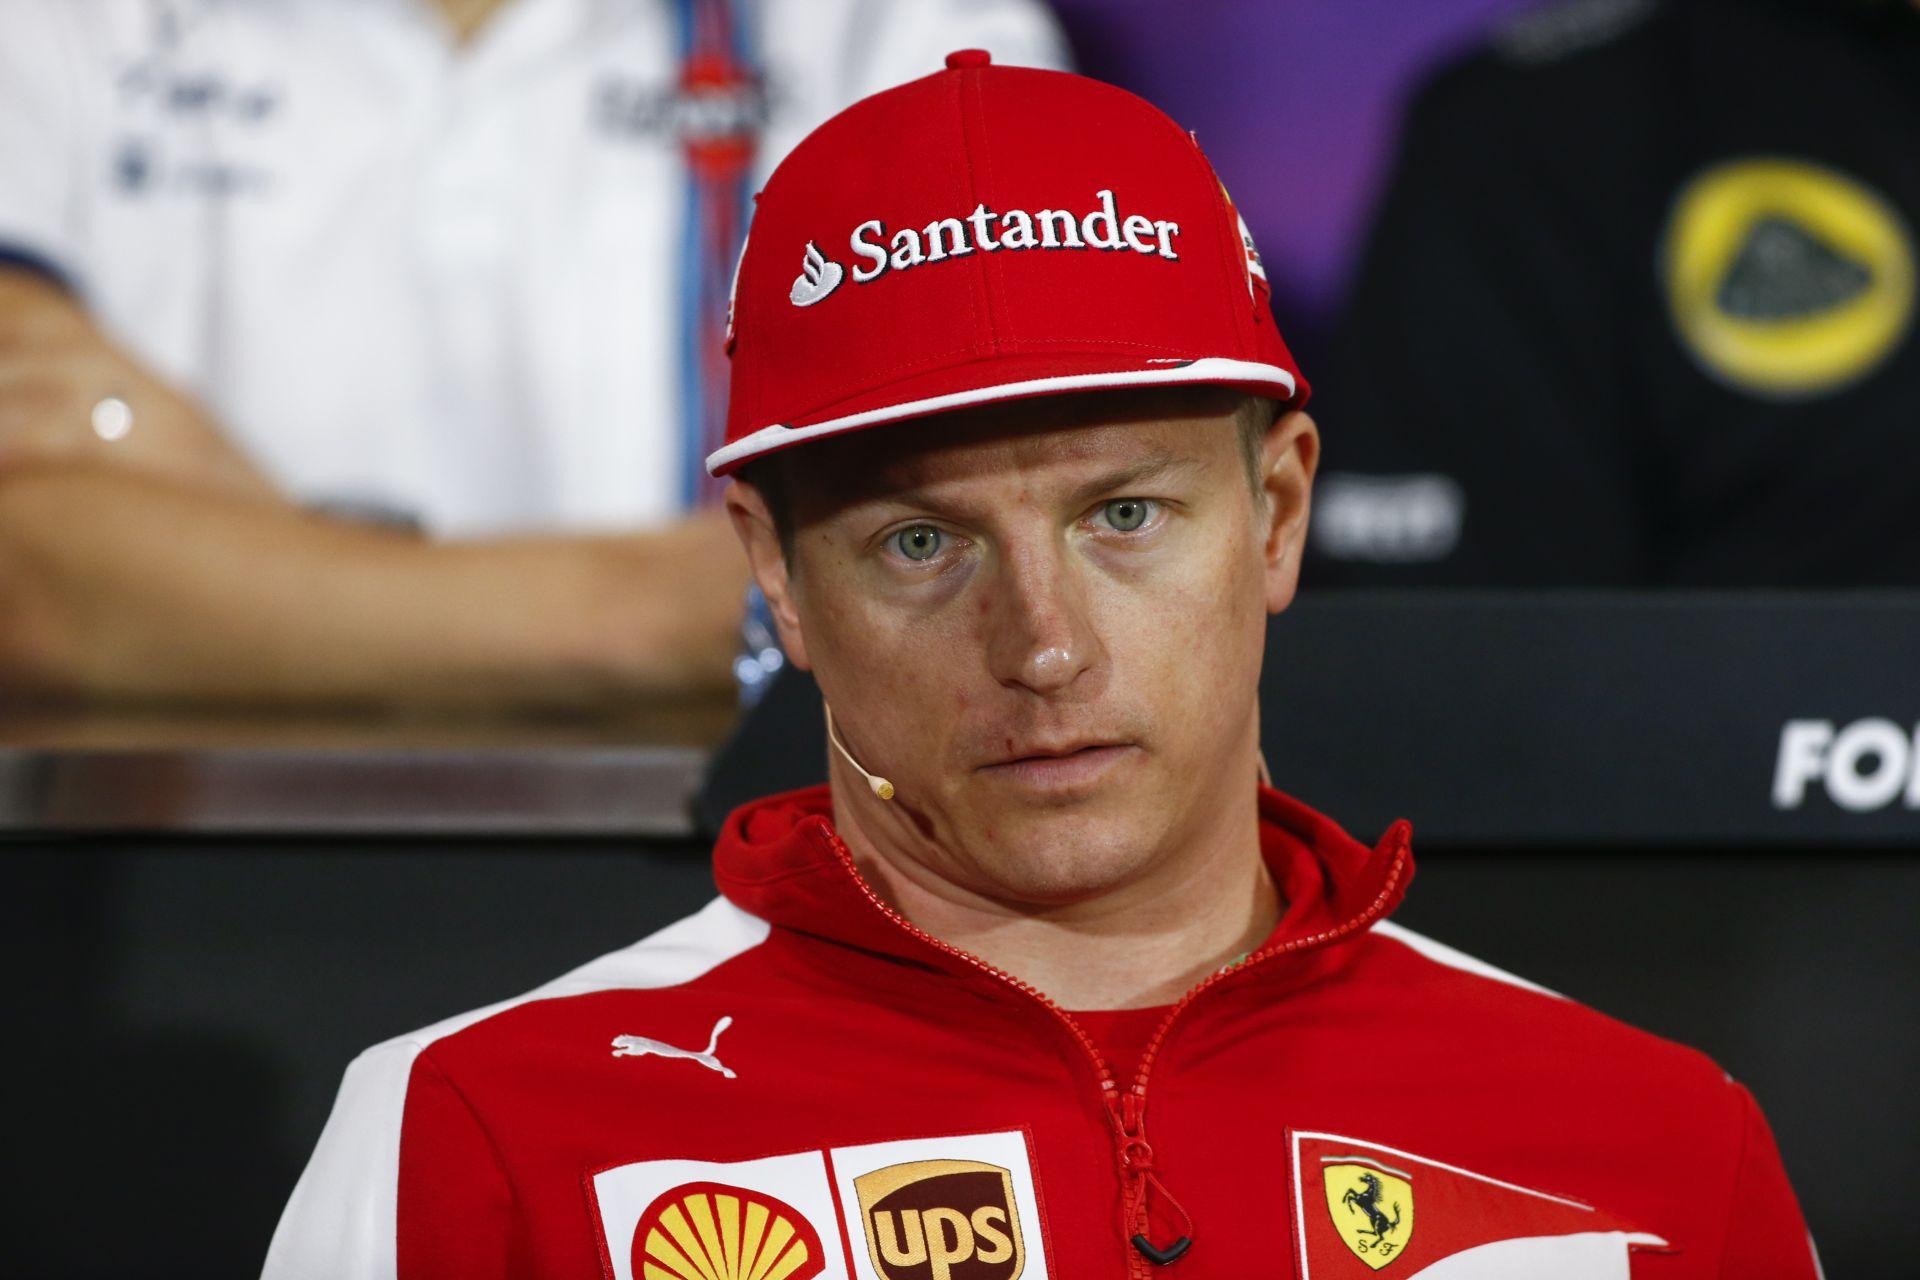 Raikkönen keményen beszólt az újságírónak, és jelezte, a Ferrari lesz az utolsó csapata